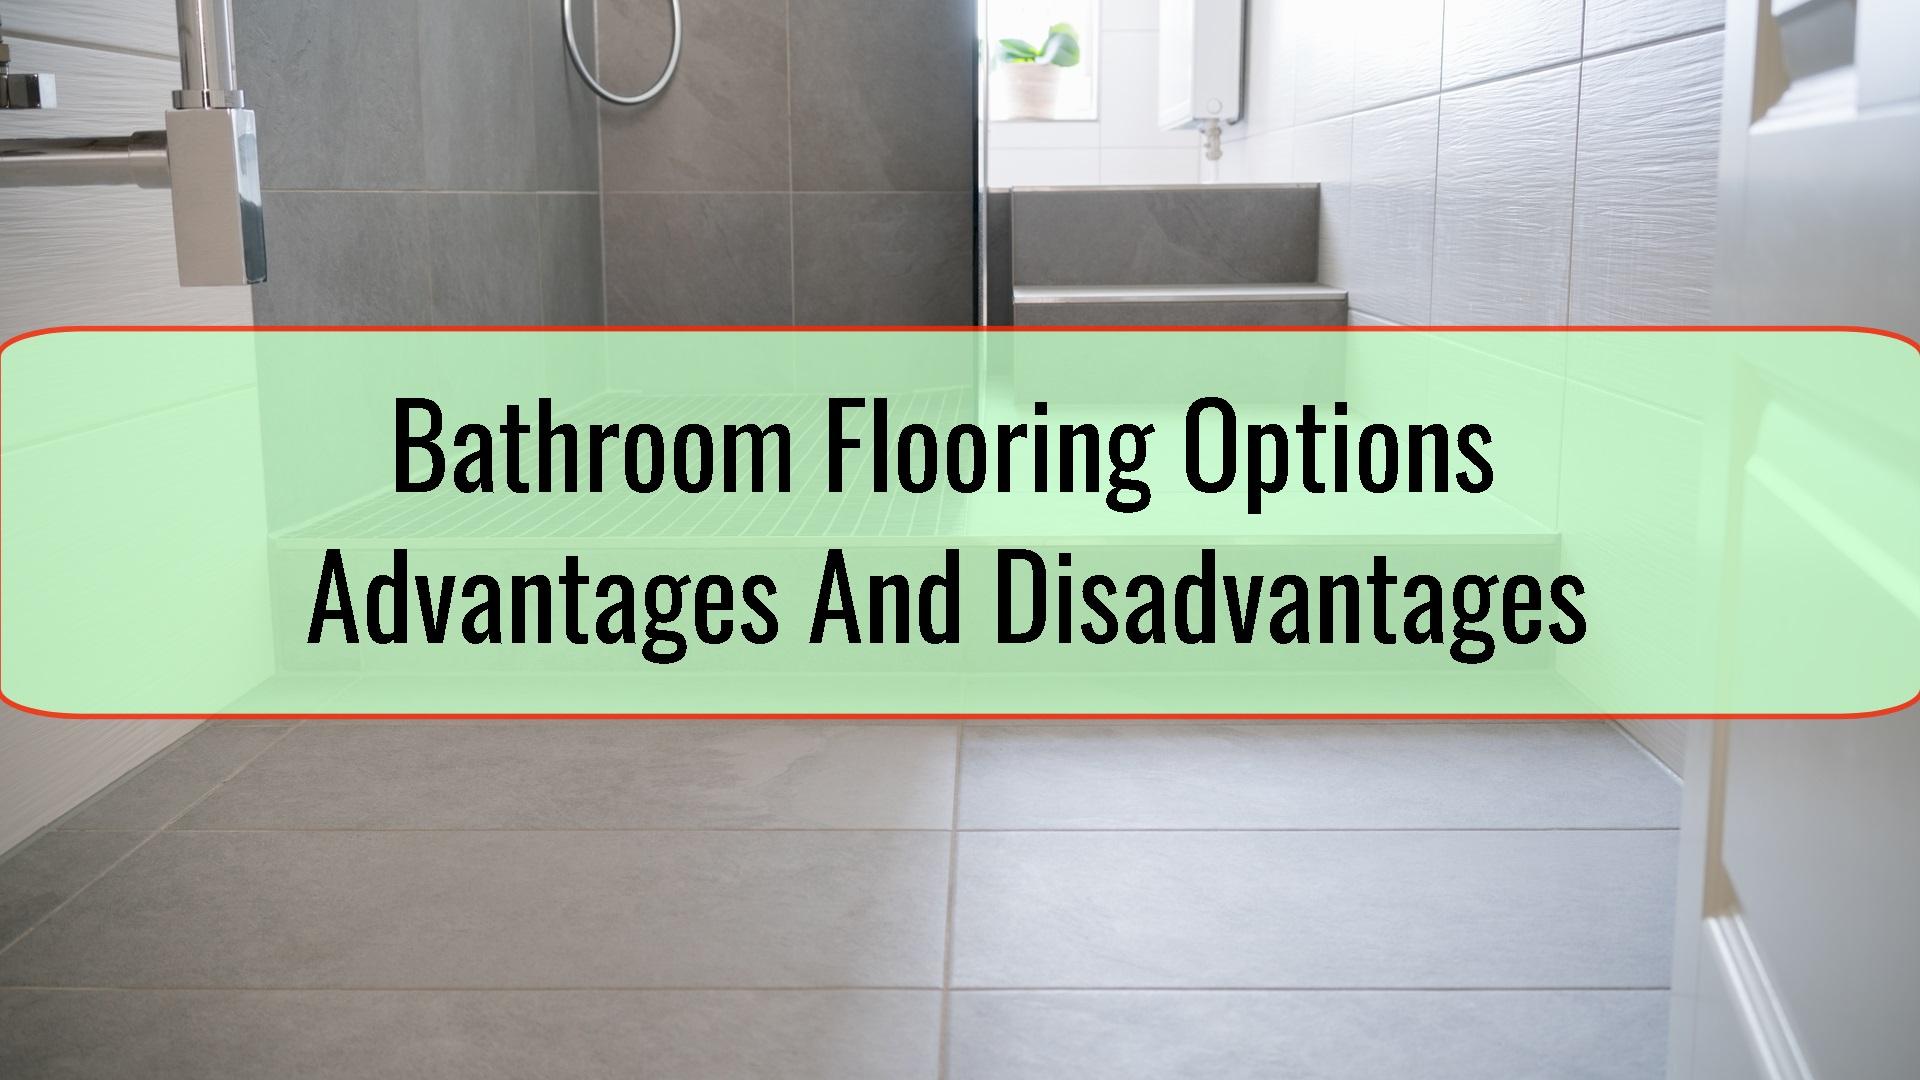 Bathroom Flooring Options – Advantages And Disadvantages